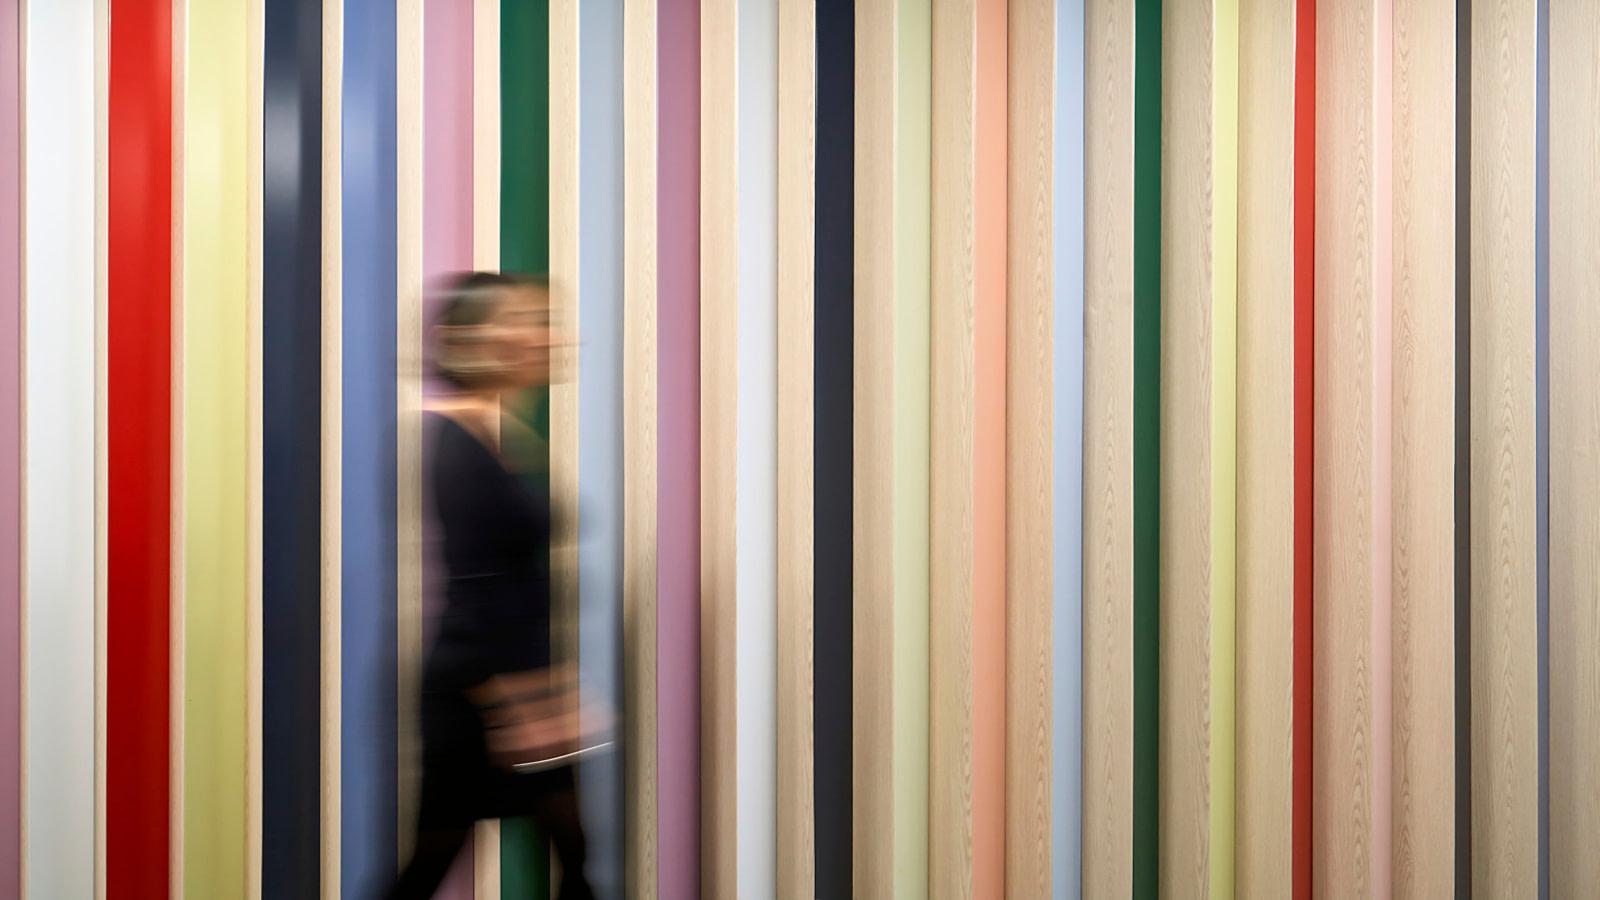 Colorful EGD wall display